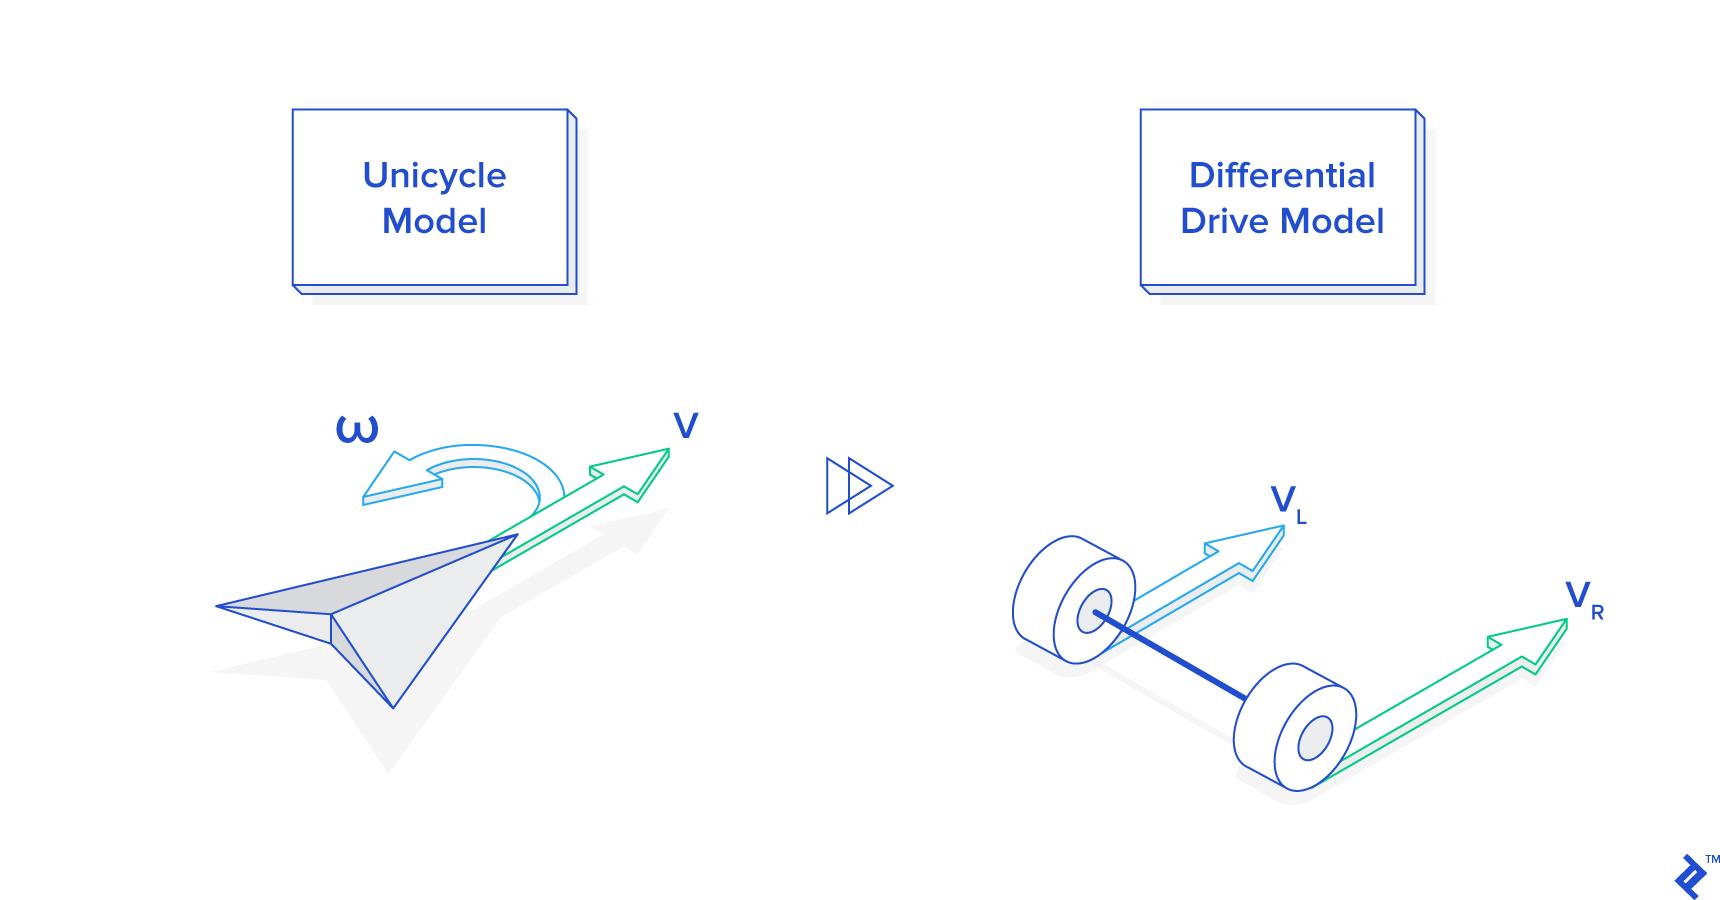 Dans la programmation robotique, il est important de comprendre la différence entre les modèles d'entraînement monocycle et différentiel.